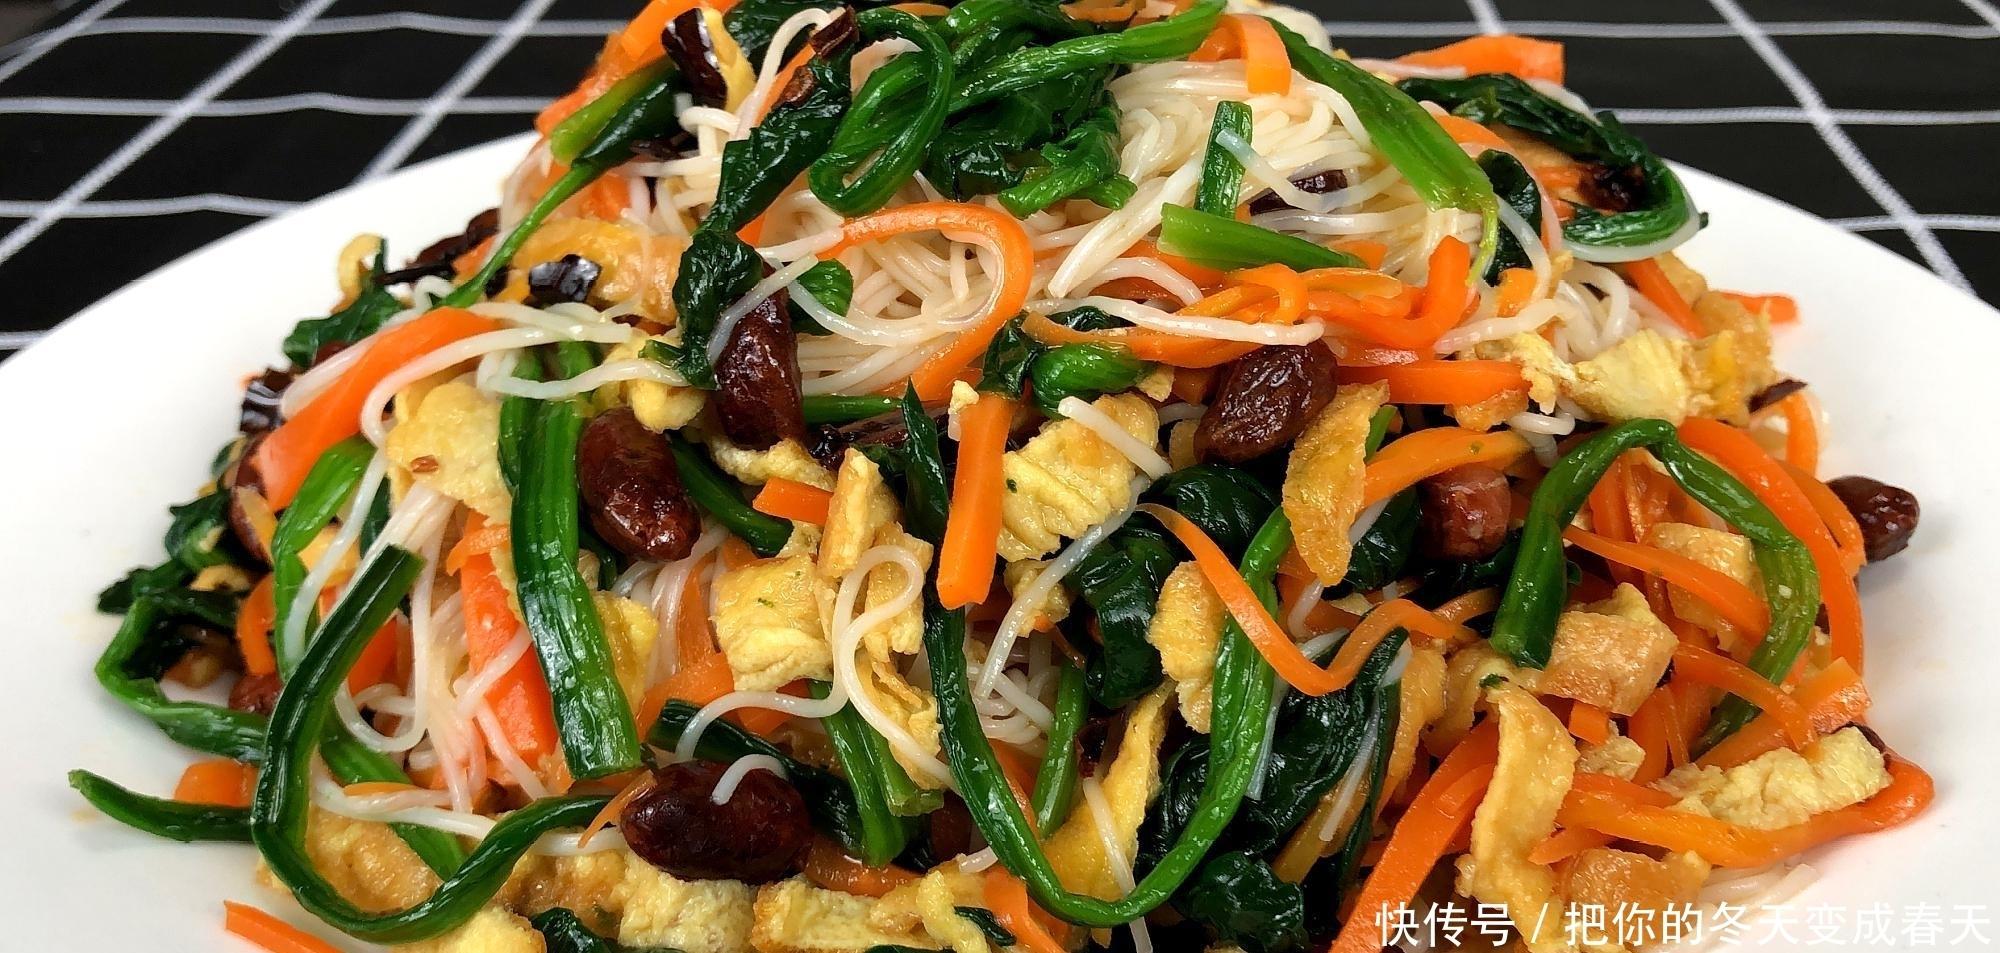 教你爽口好吃的涼拌菠菜,營養美味還解饞,關鍵不用怕長胖